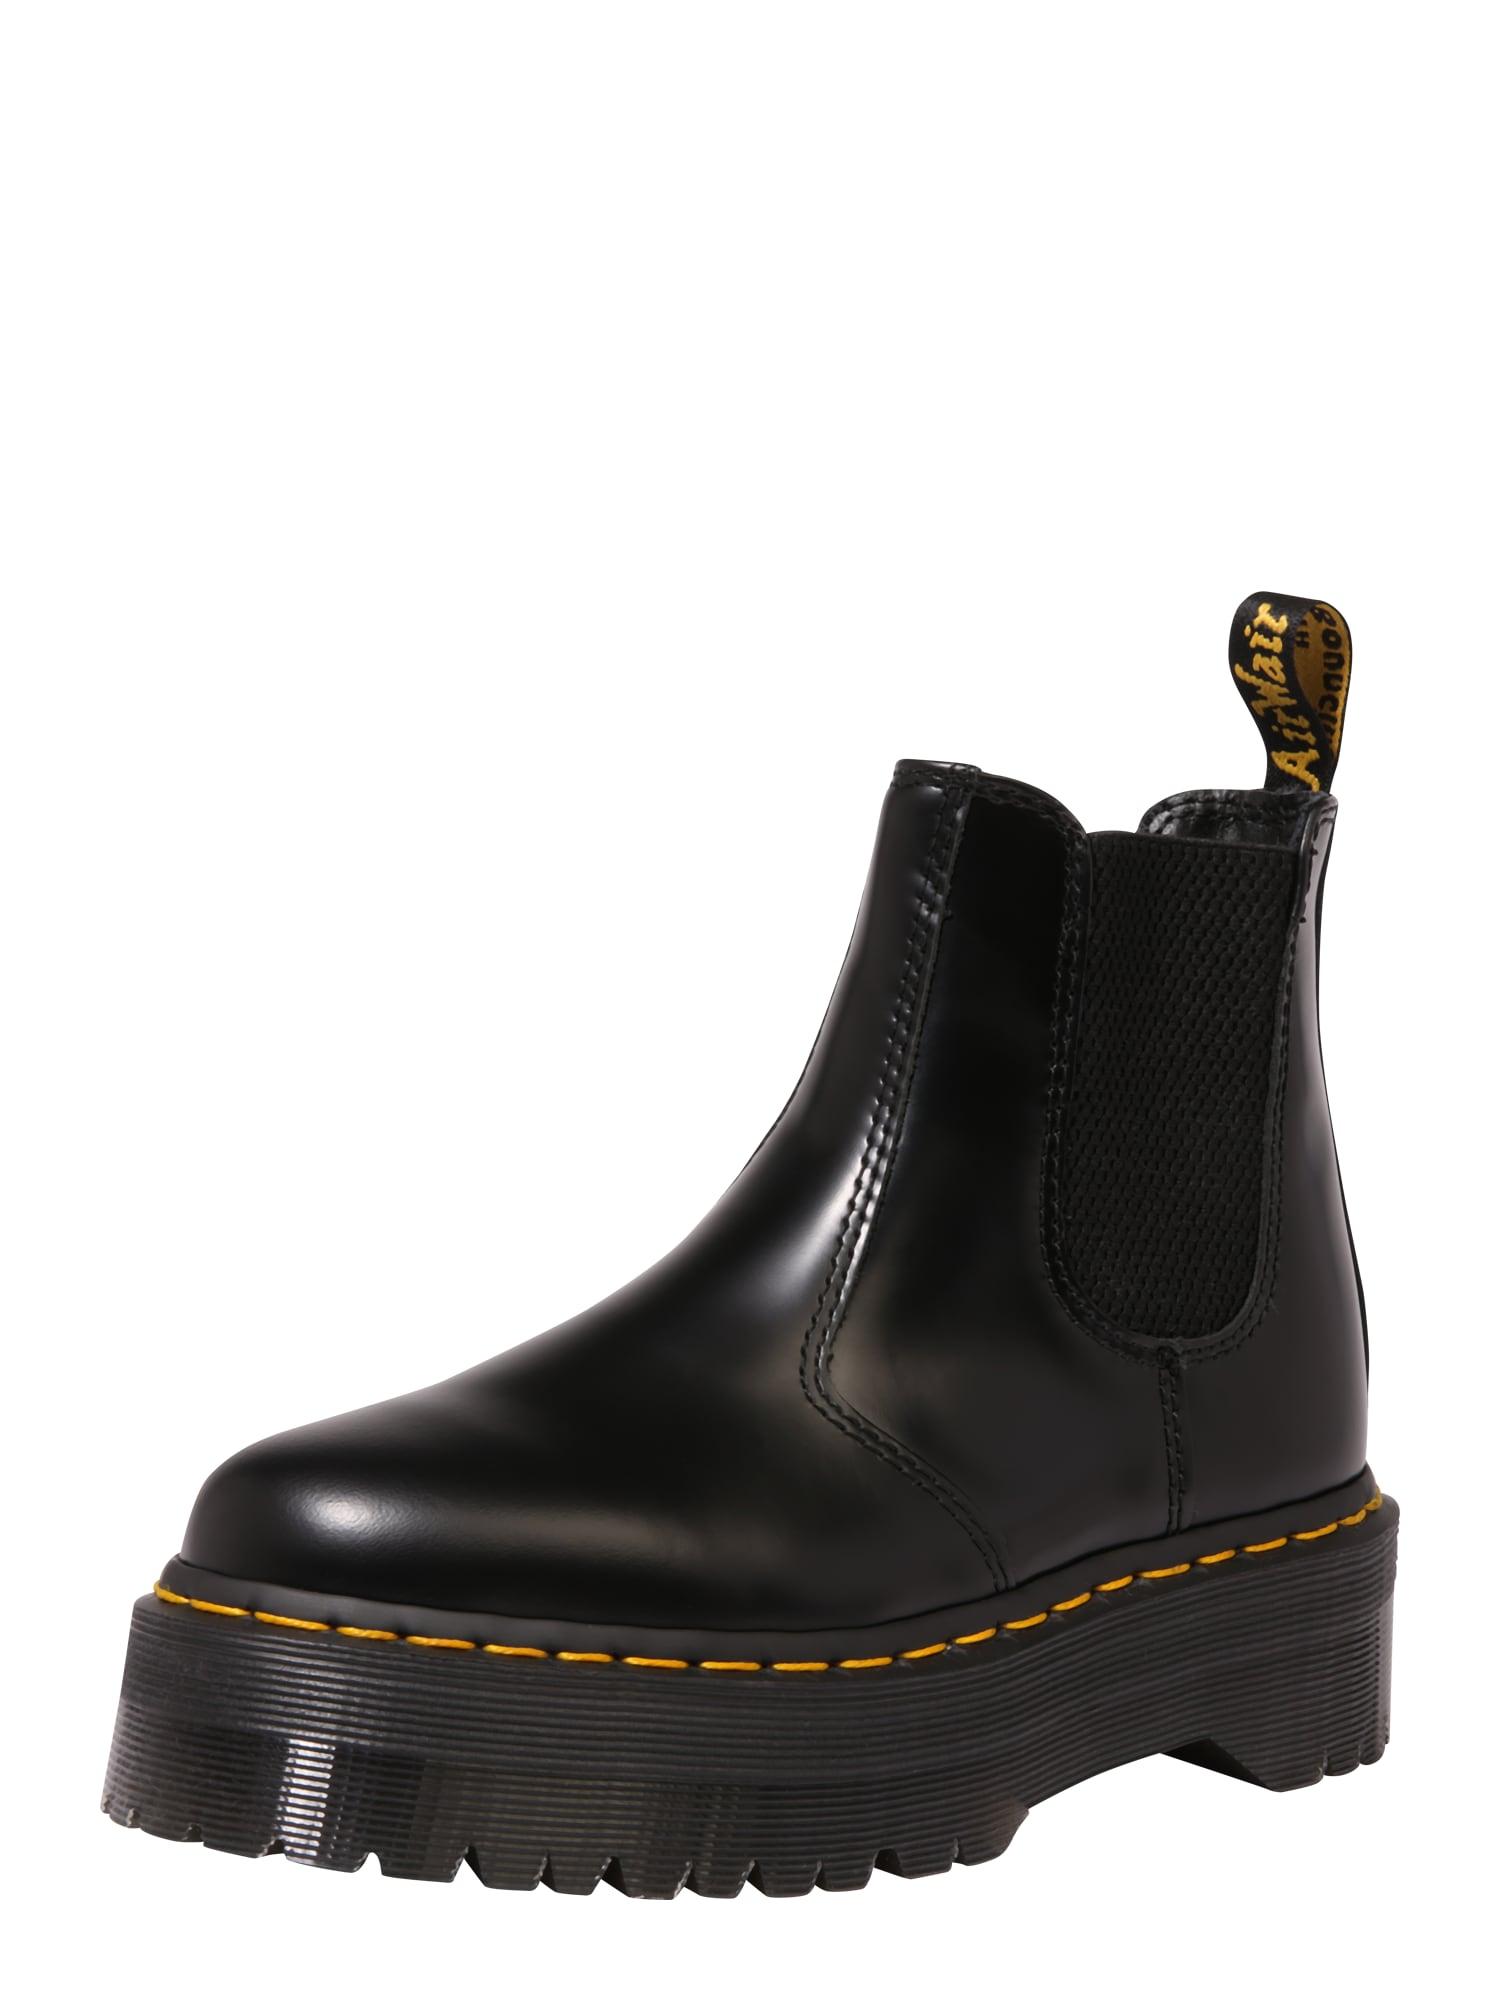 Chelsea boty 2976 černá Dr. Martens